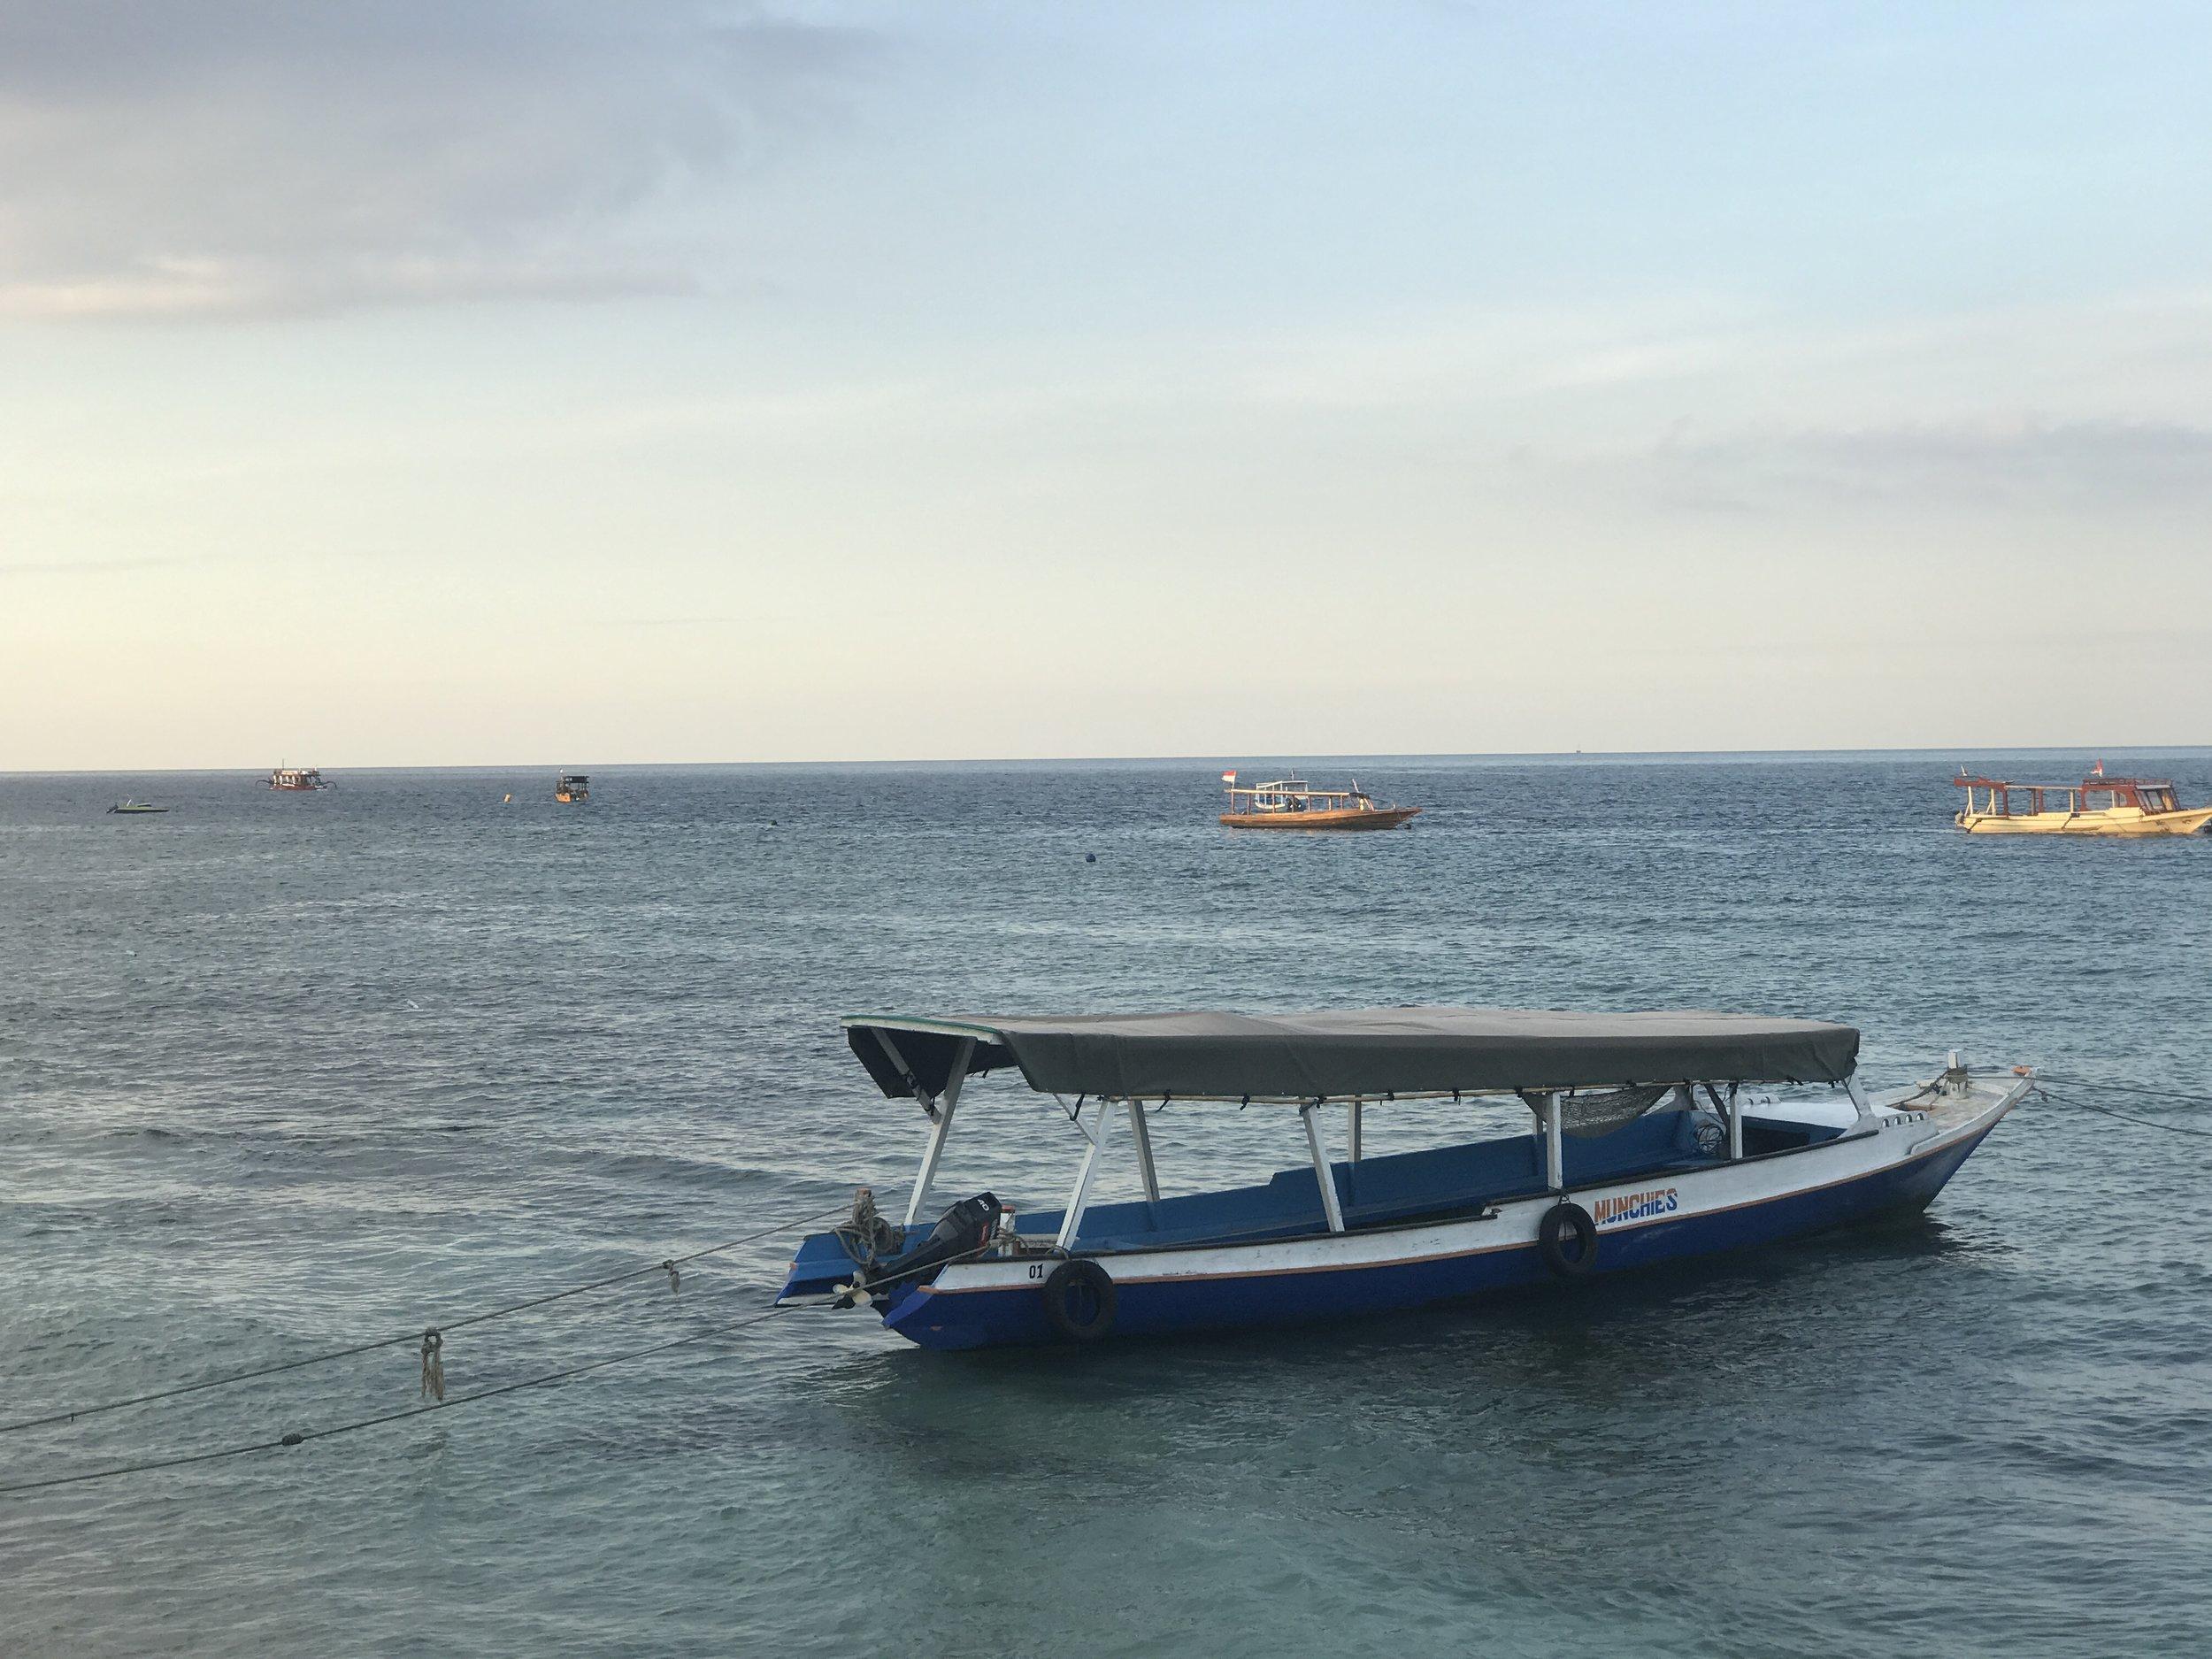 Another Amazing Island Sunset